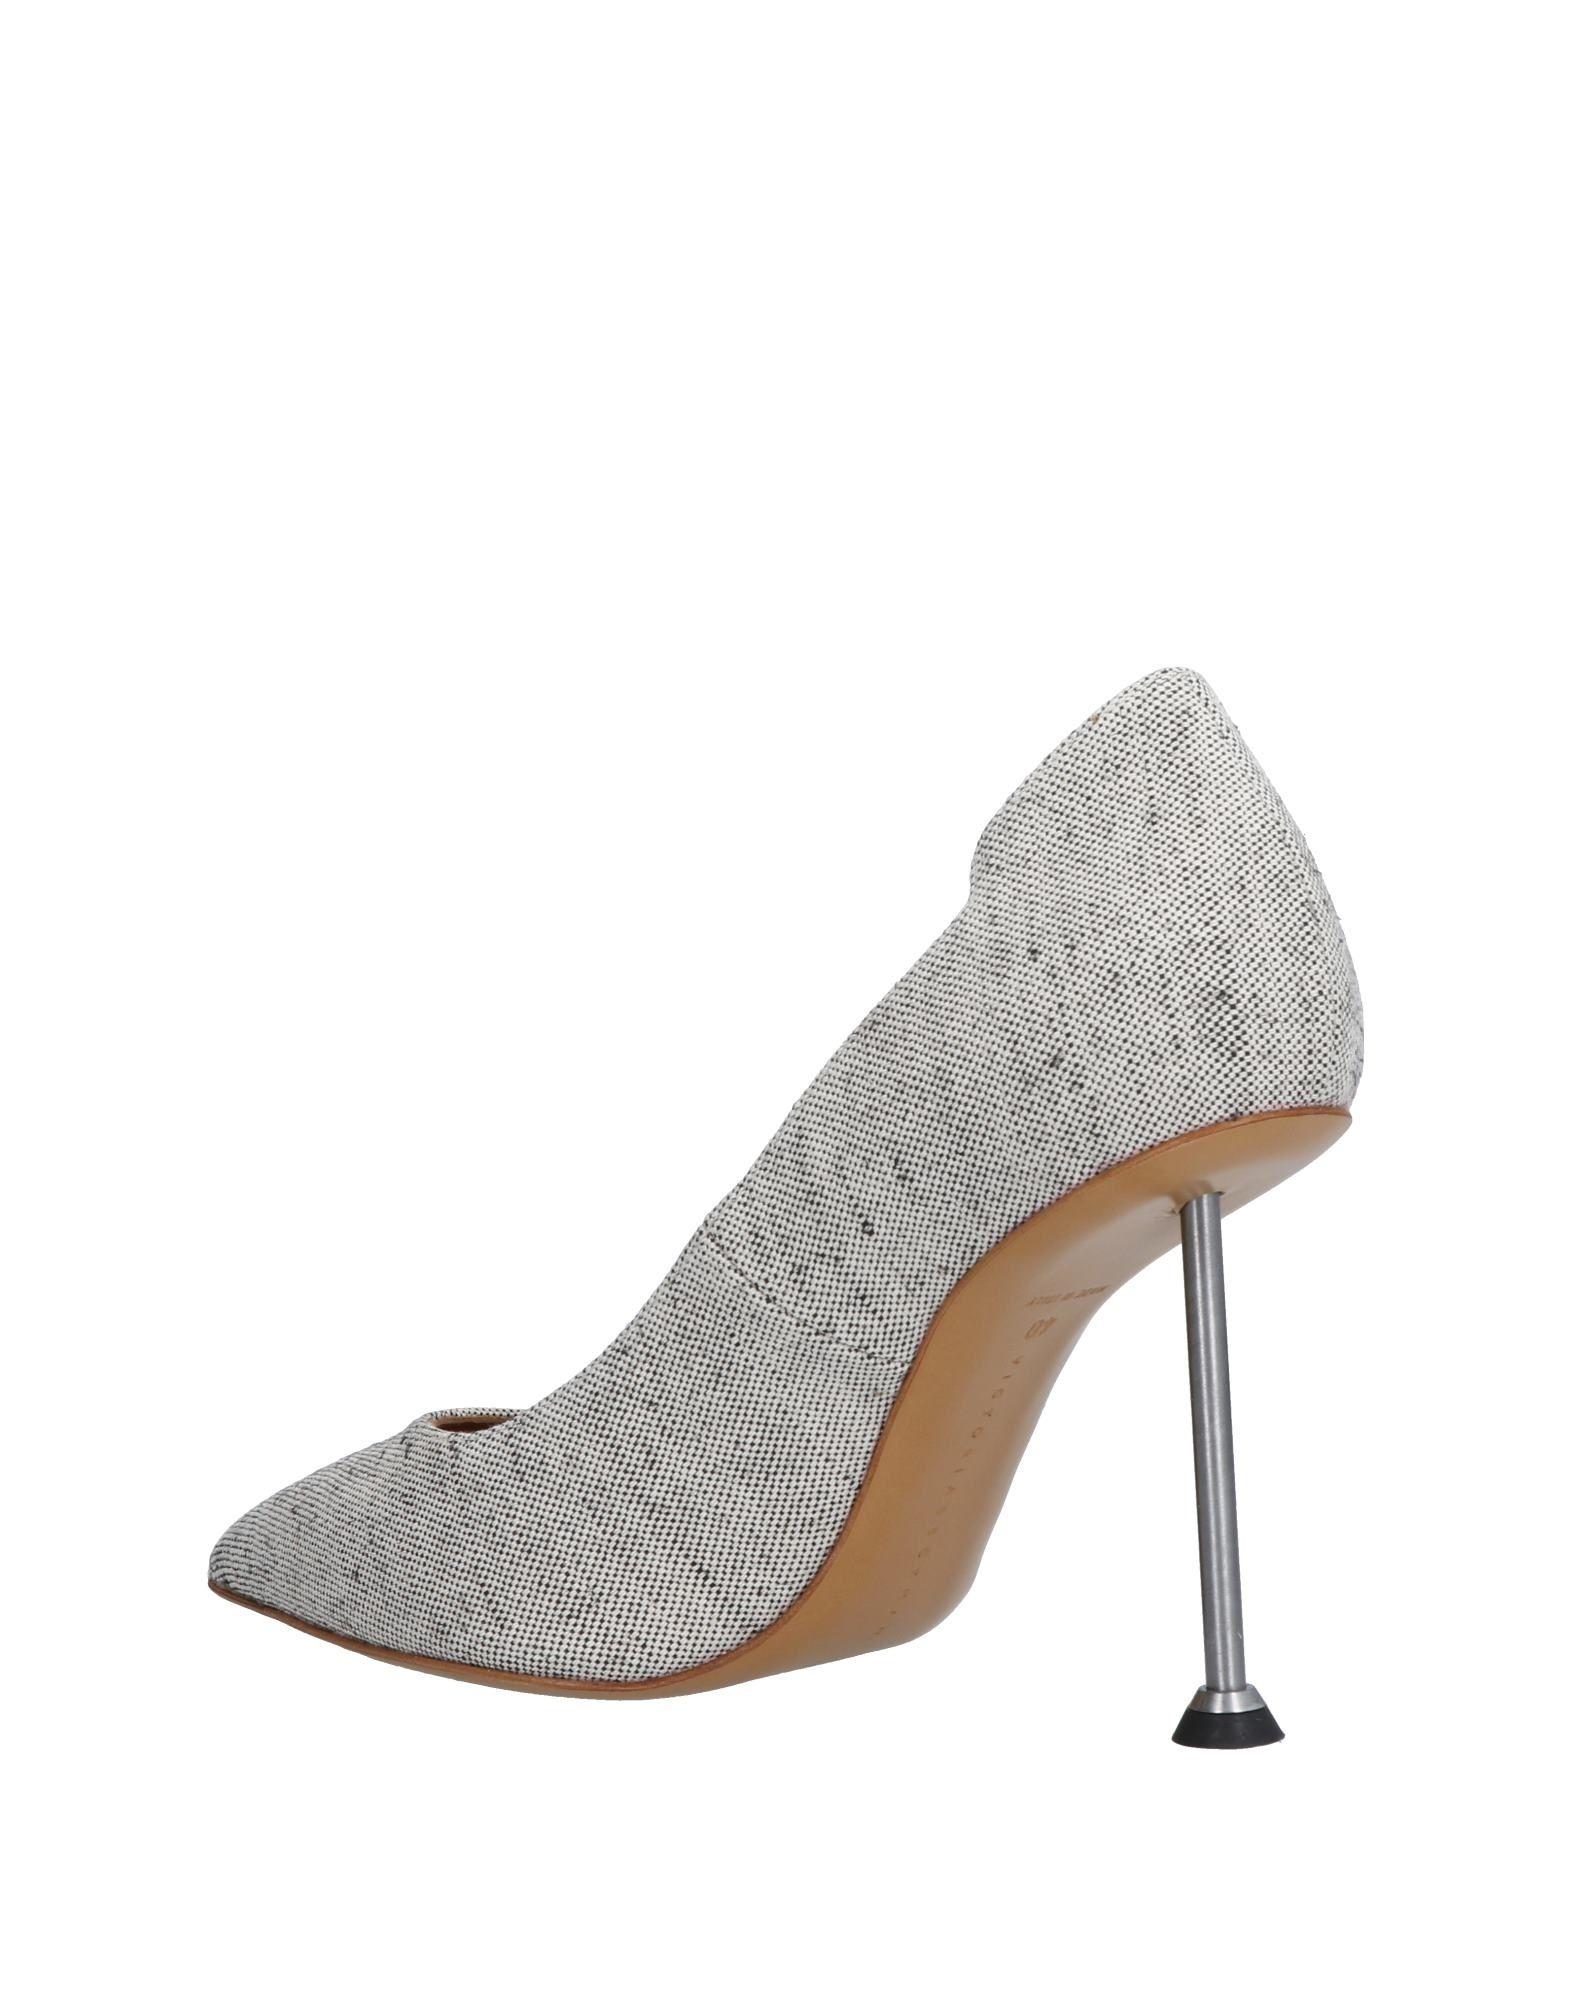 Rabatt Schuhe Victoria Beckham Pumps 11447435EW Damen  11447435EW Pumps b4a0ca